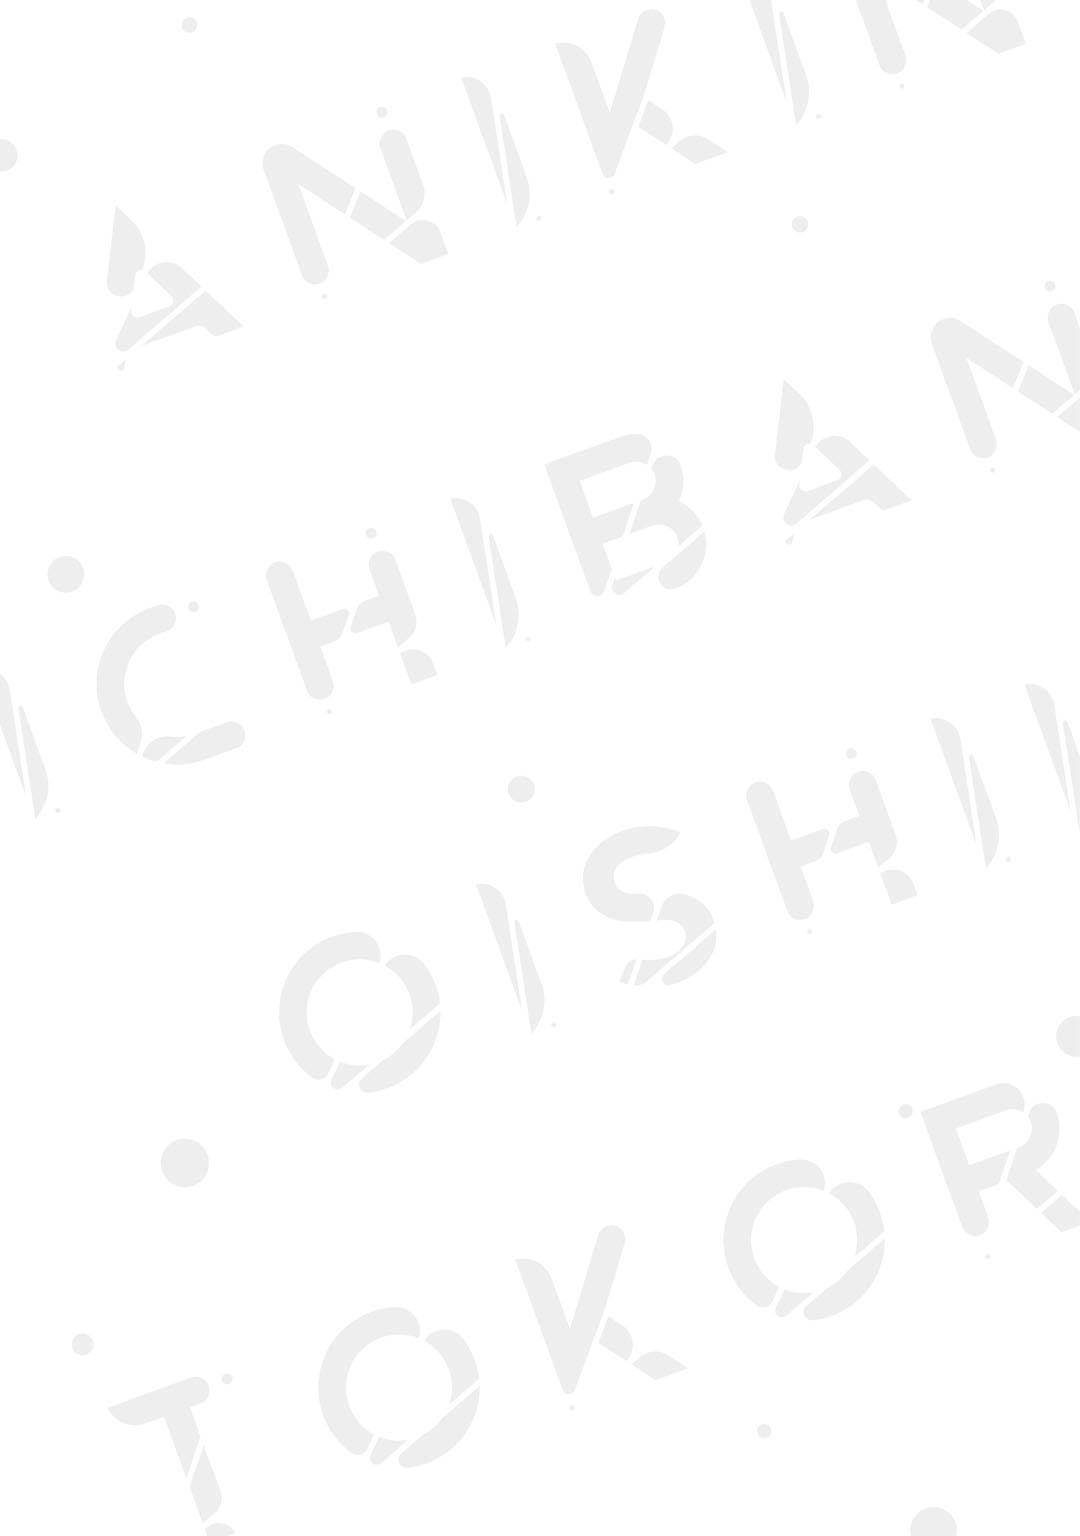 Aniki no ichiban Oishii Tokoro | 老哥最可口的部位 act.1—4 132